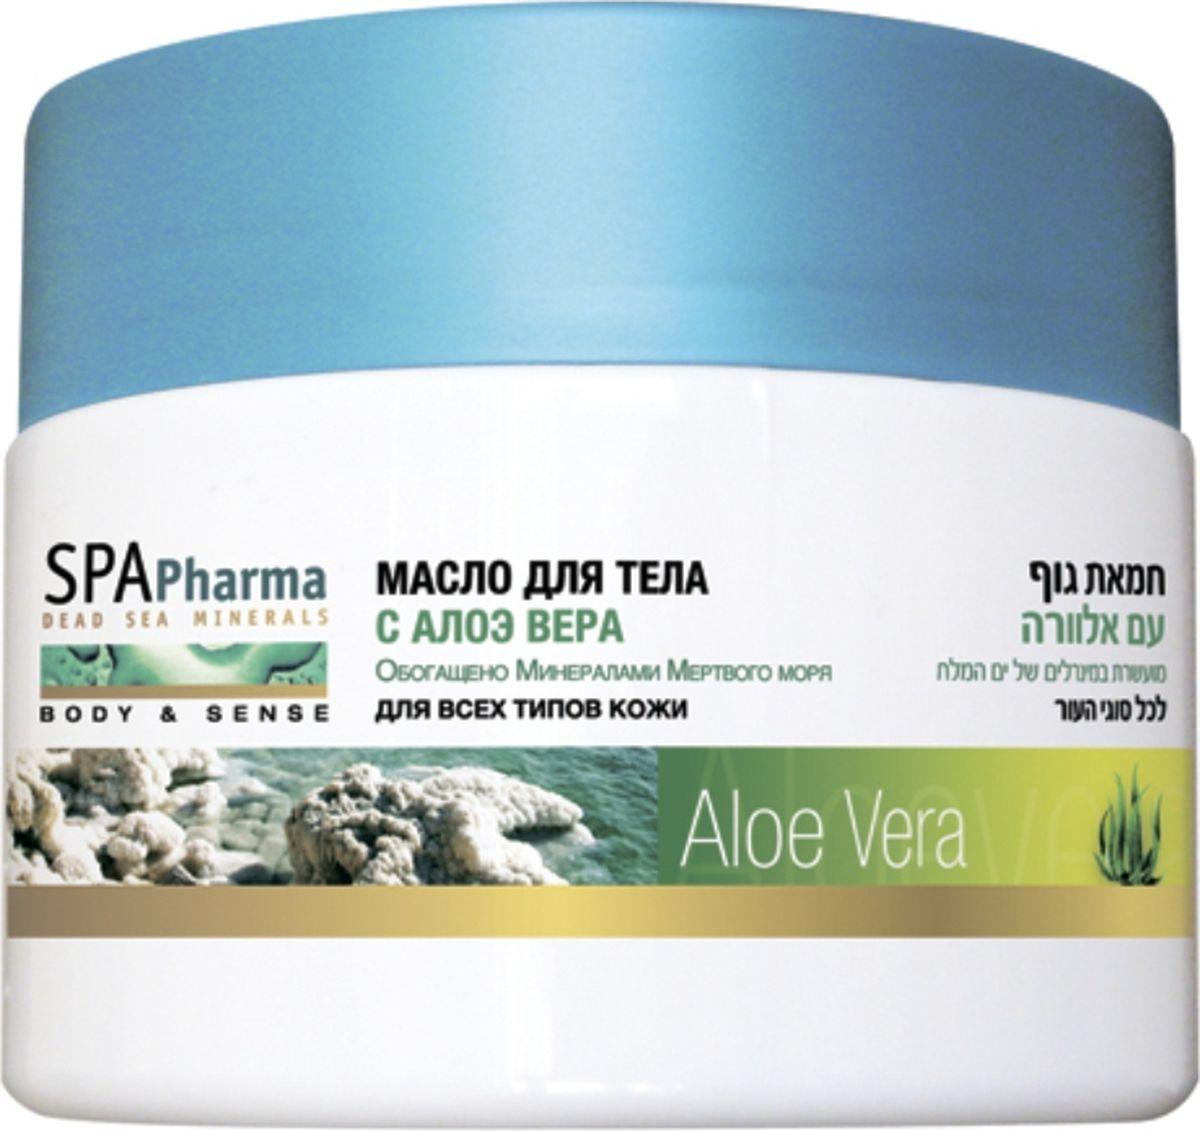 Spa Pharma Масло для тела с алоэ вера для всех типов кожи (успокаивающее), Spa Pharma 350 мл72523WDБлагодаря высокому содержанию алоэ, оказывает успокаивающее действие на кожу и помогает бороться с воспалениями, раздражениями и различными видами аллергических реакций.Масла ши и миндаля прекрасно увлажняют, задерживая влагу в коже, а значит продлевая ощущение комфорта и молодость кожи.